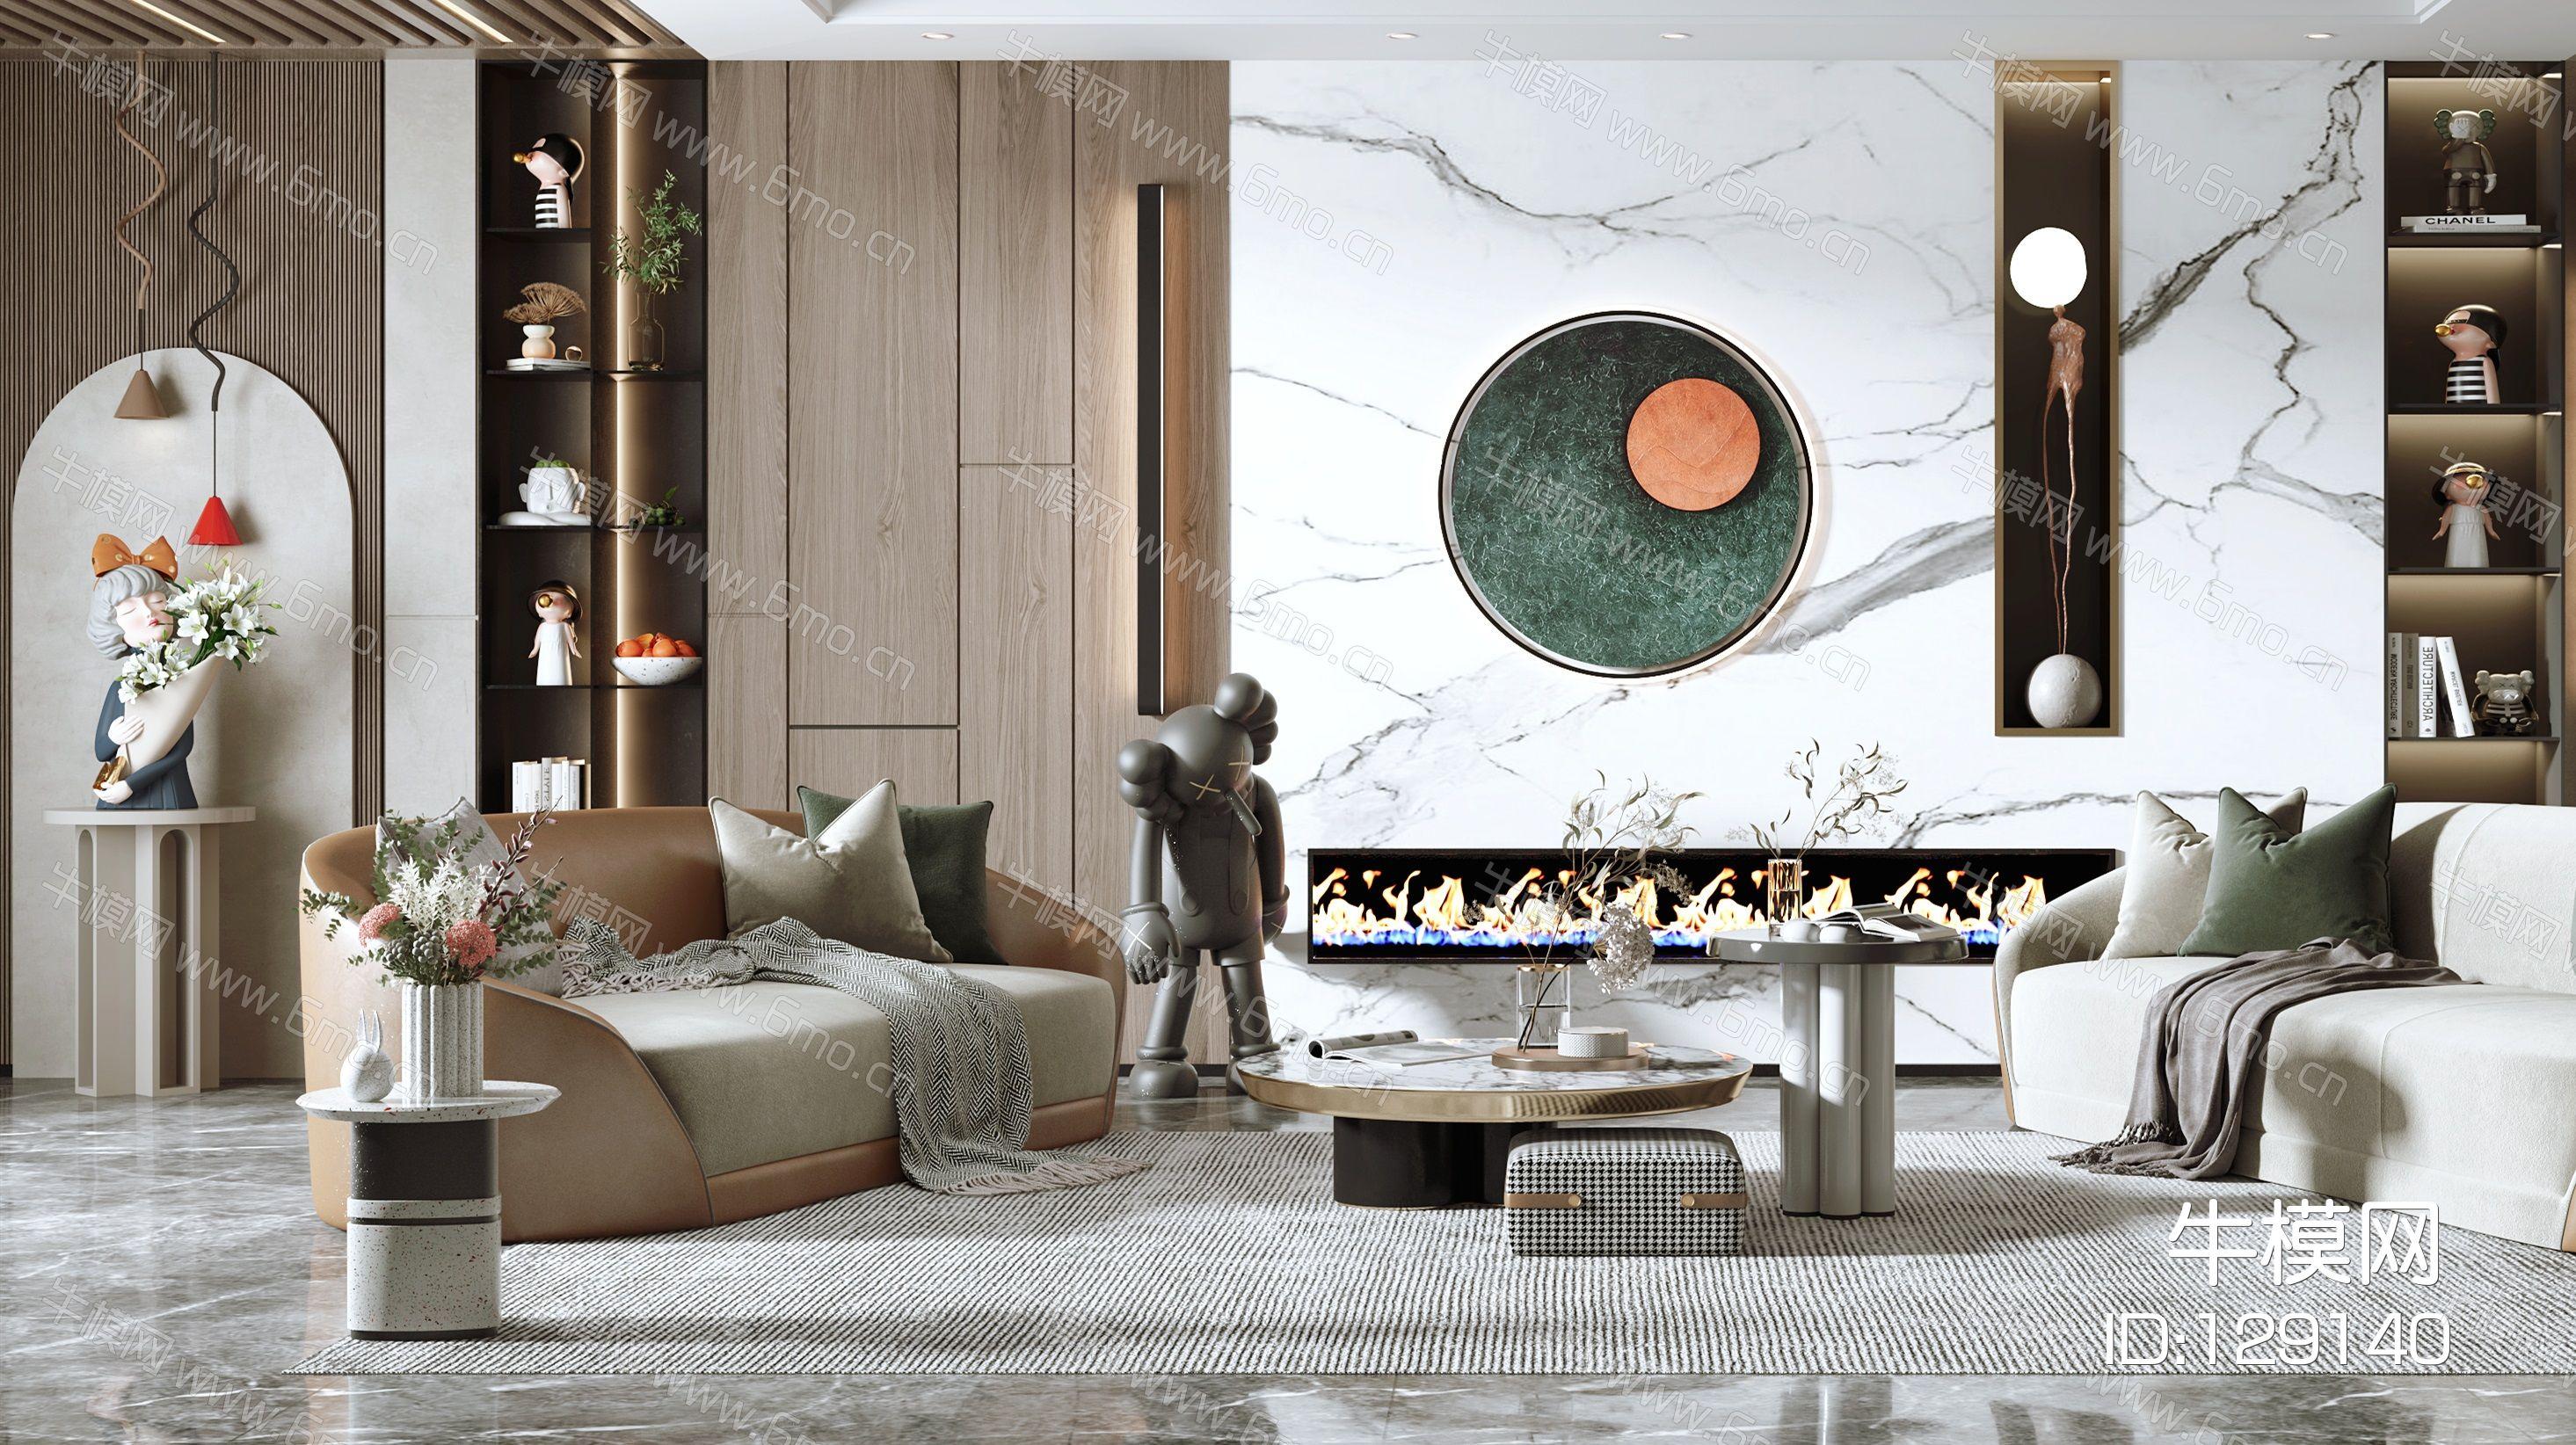 现代客厅,沙发茶几组合,沙发背景墙,陈设摆件,单椅